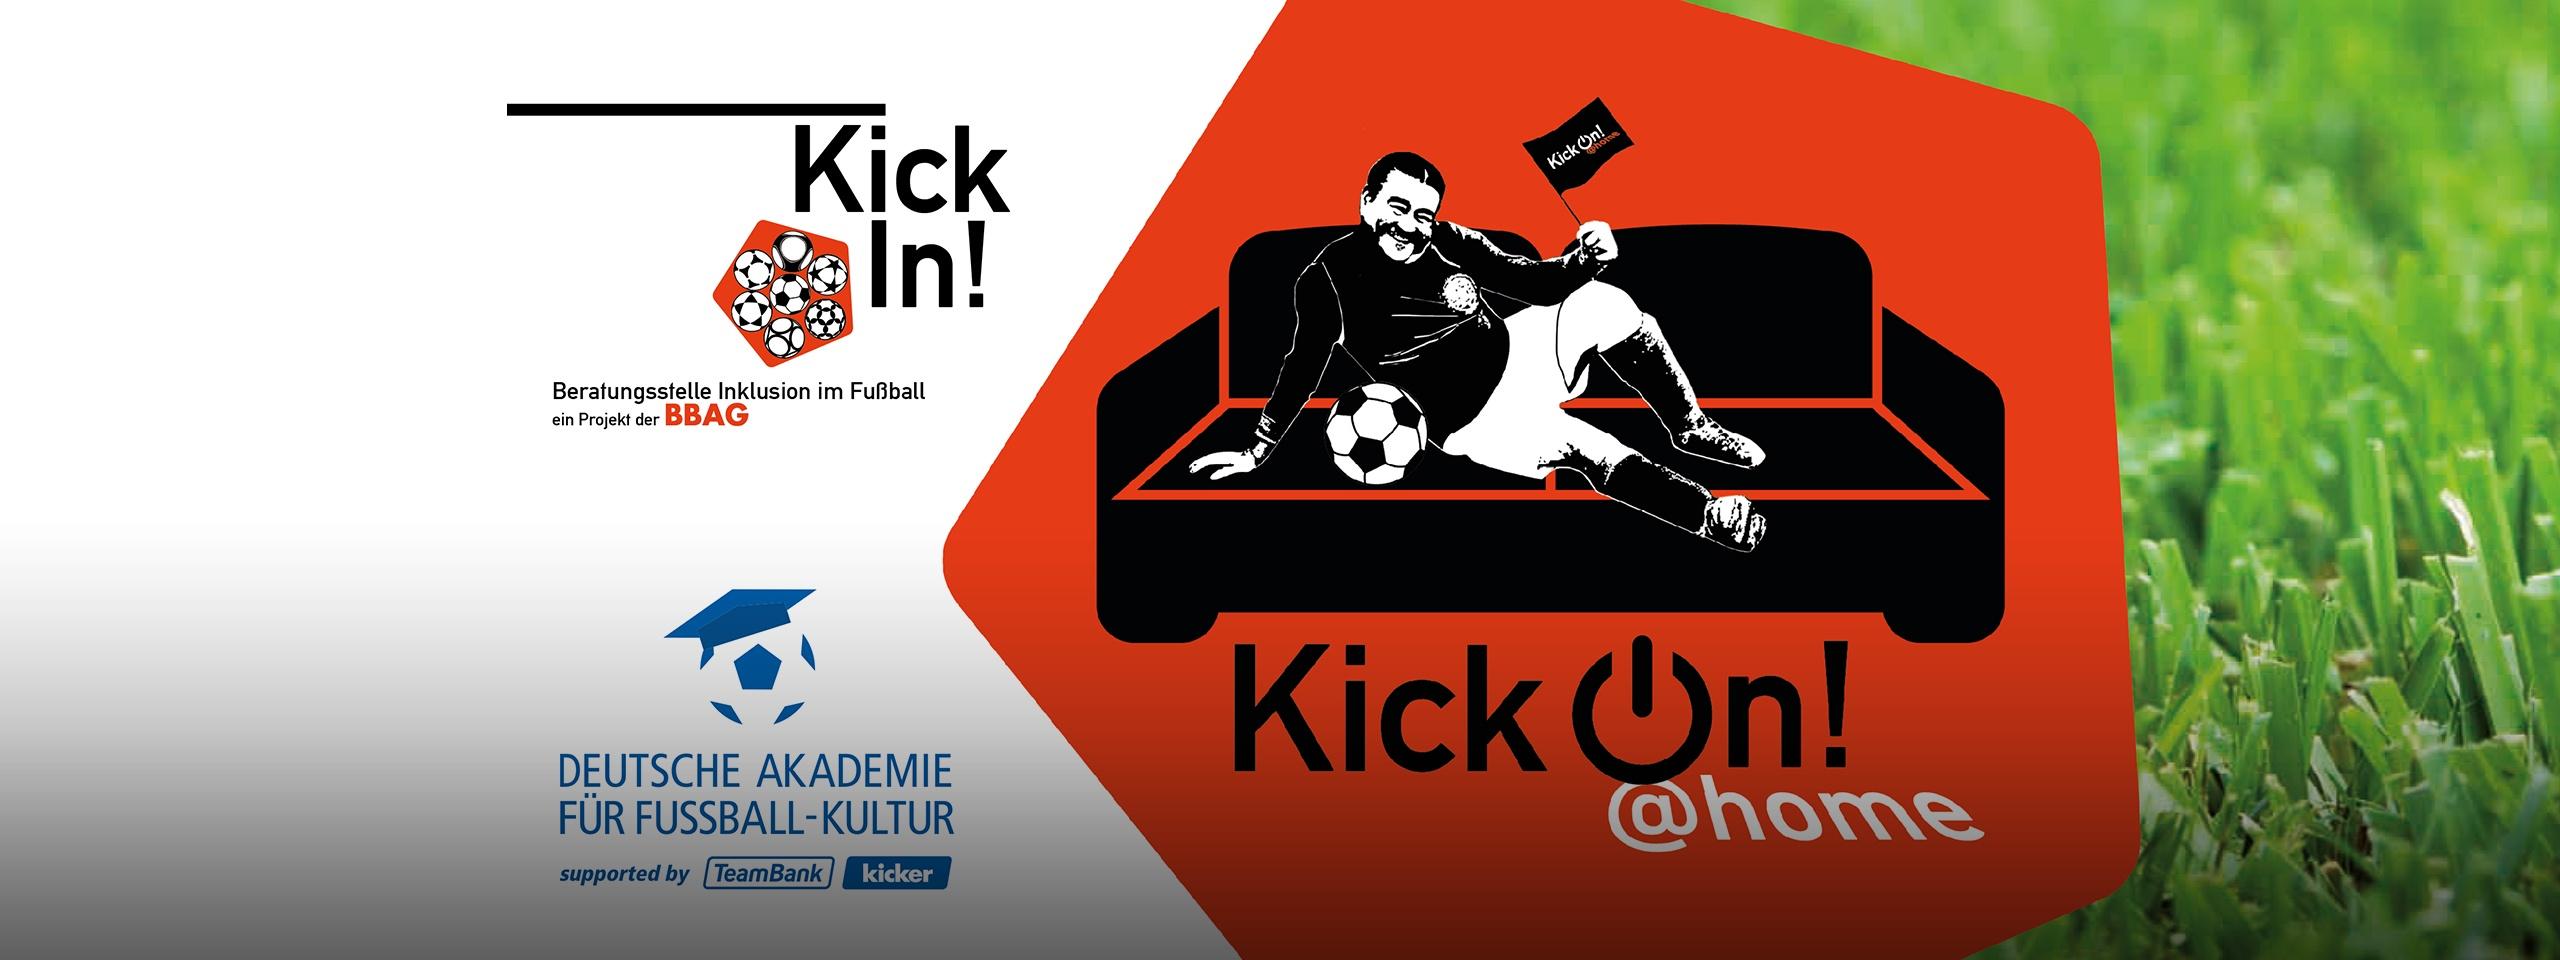 """Links die Logos von KickIn und der deutschen Akademie für Fußballkultur, daneben orangenes Fünfeck. In schwarz-weiß posiert ein männlicher Fußballspieler mit Fußball auf einem Sofa und hält eine Fahne mit der Aufschrift """"KickOn at home"""" in der Hand. Darunter ein Schriftzug in schwarz-weiß: Kick On! at home, daneben ein grüner Rasen"""